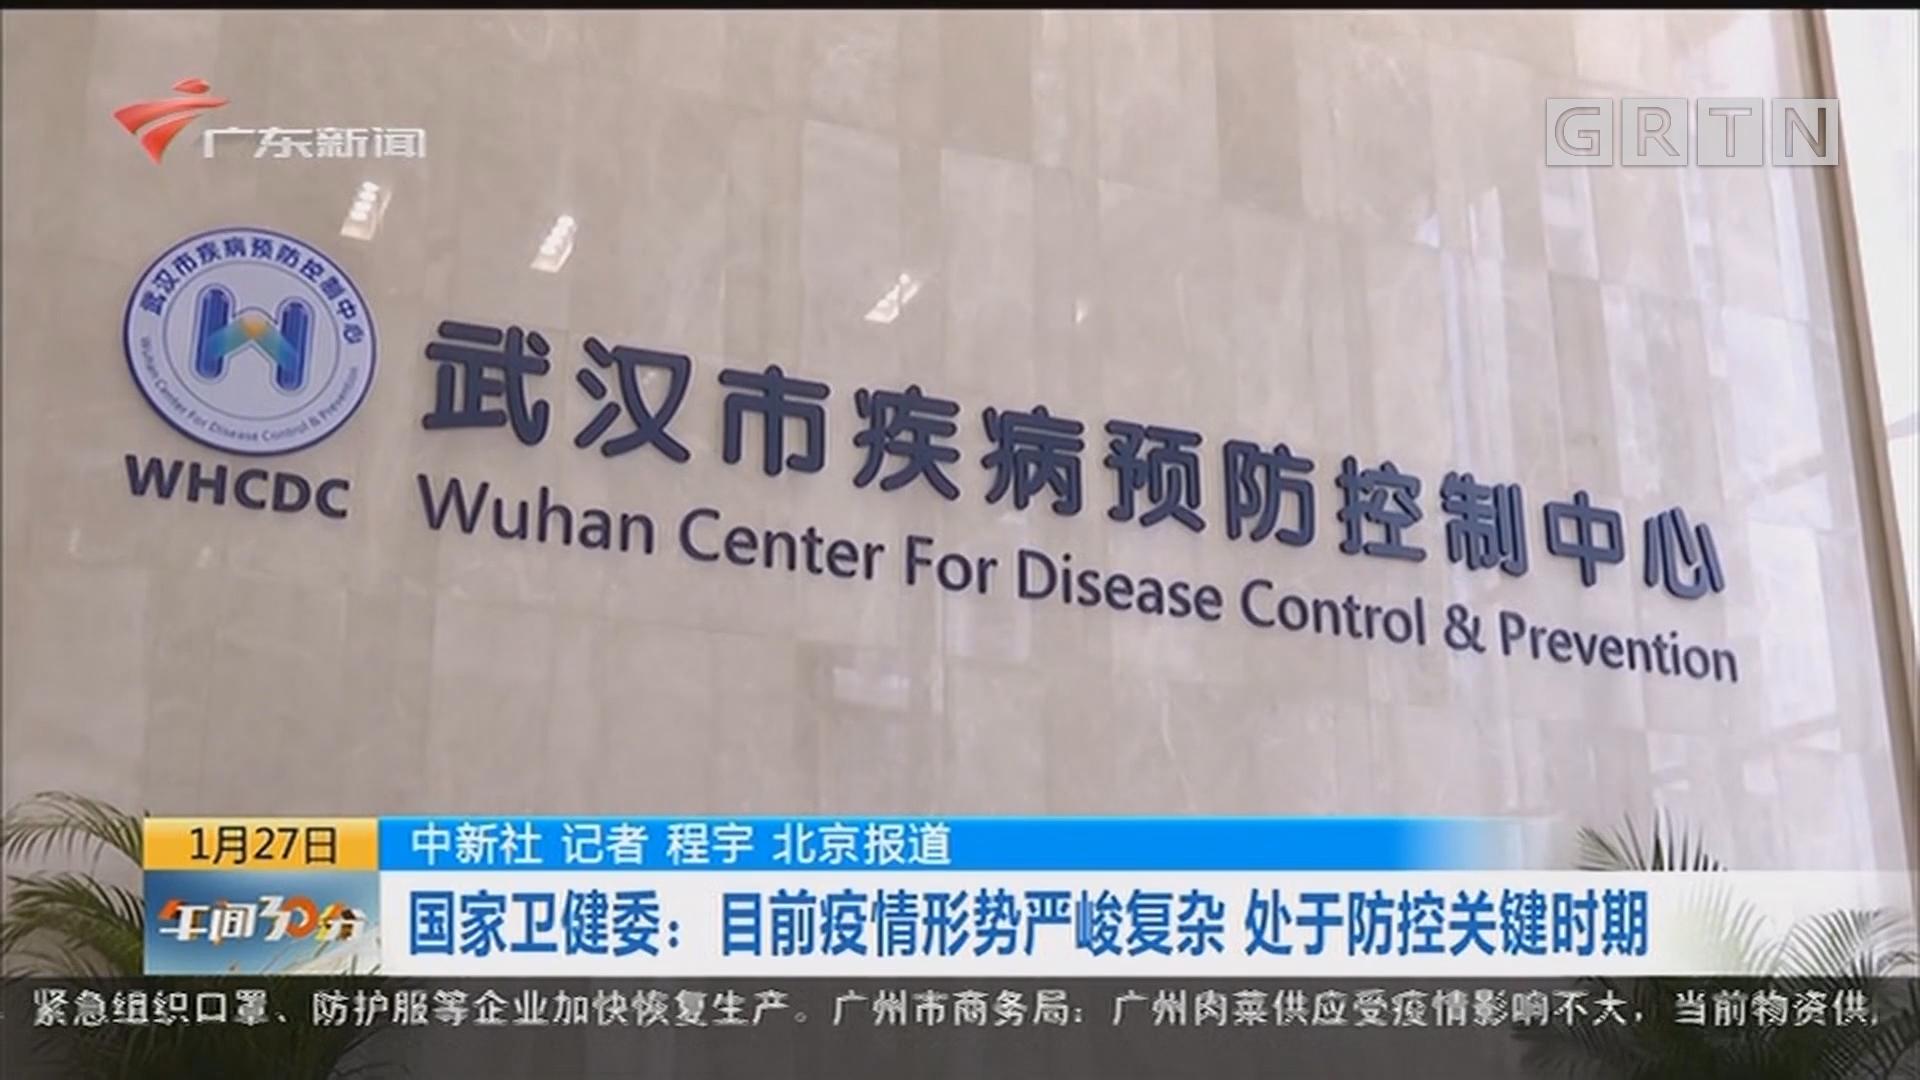 中新社 国家卫健委:目前疫情形势严峻复杂 处于防控关键时期